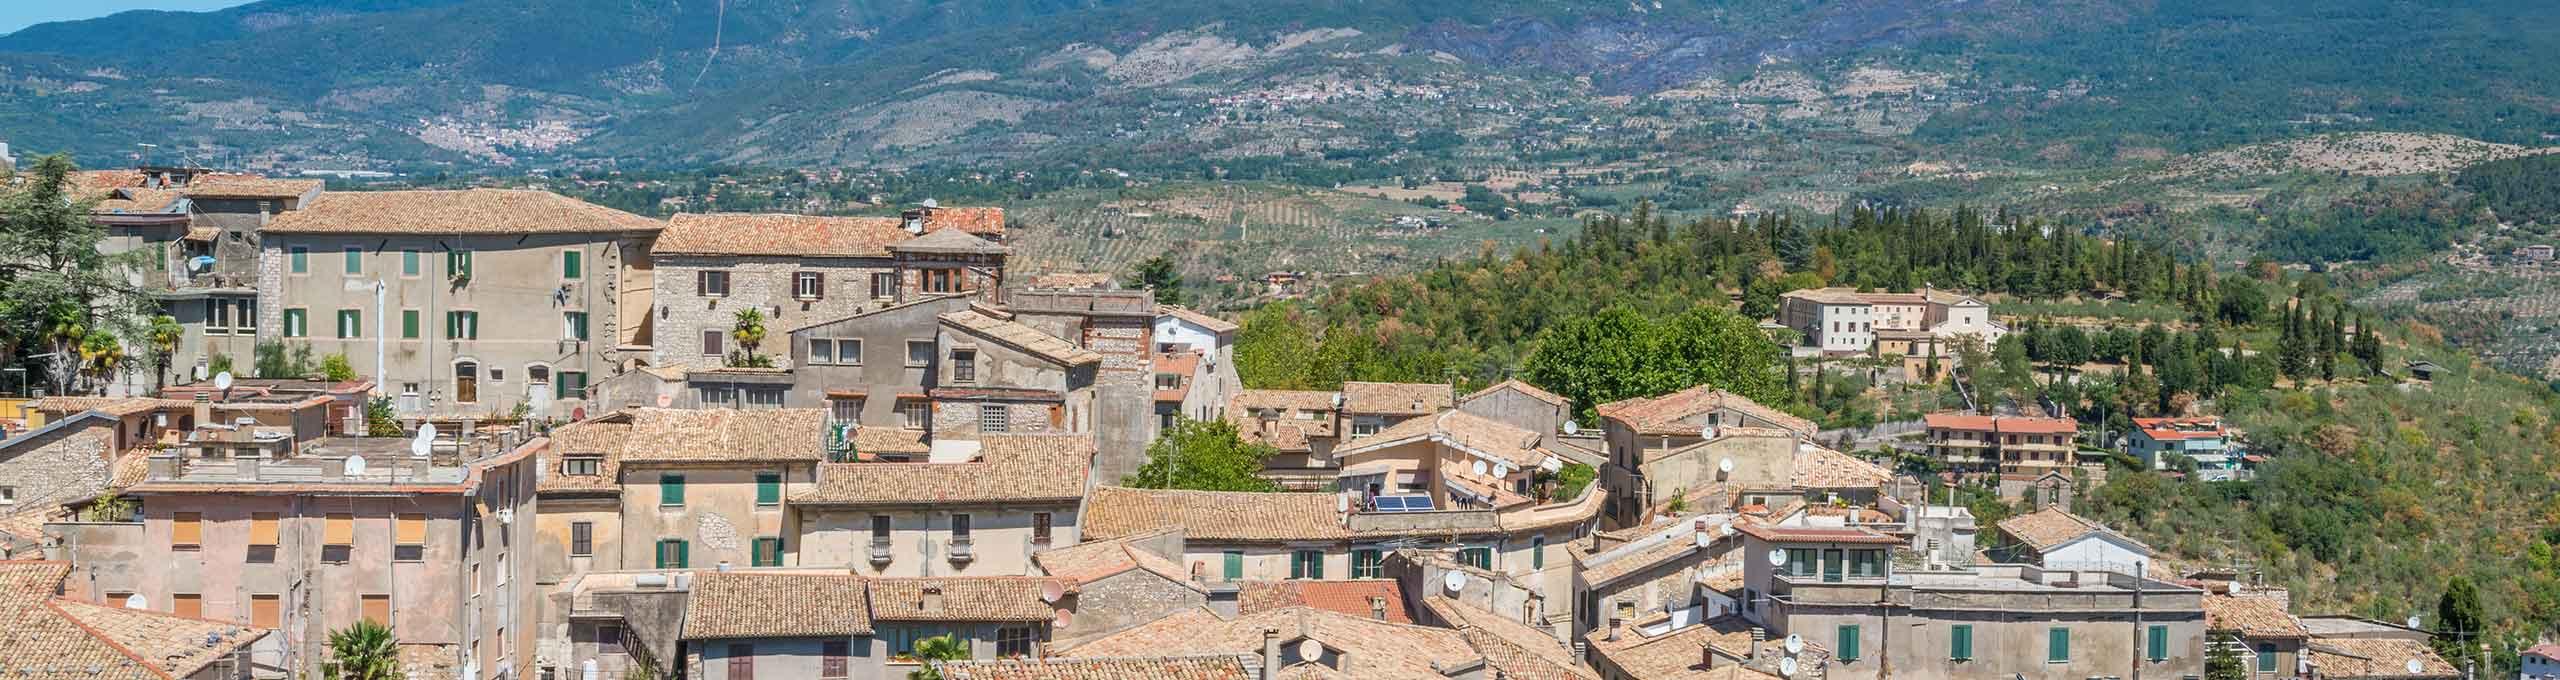 Vista sul borgo nedievale di Alatri